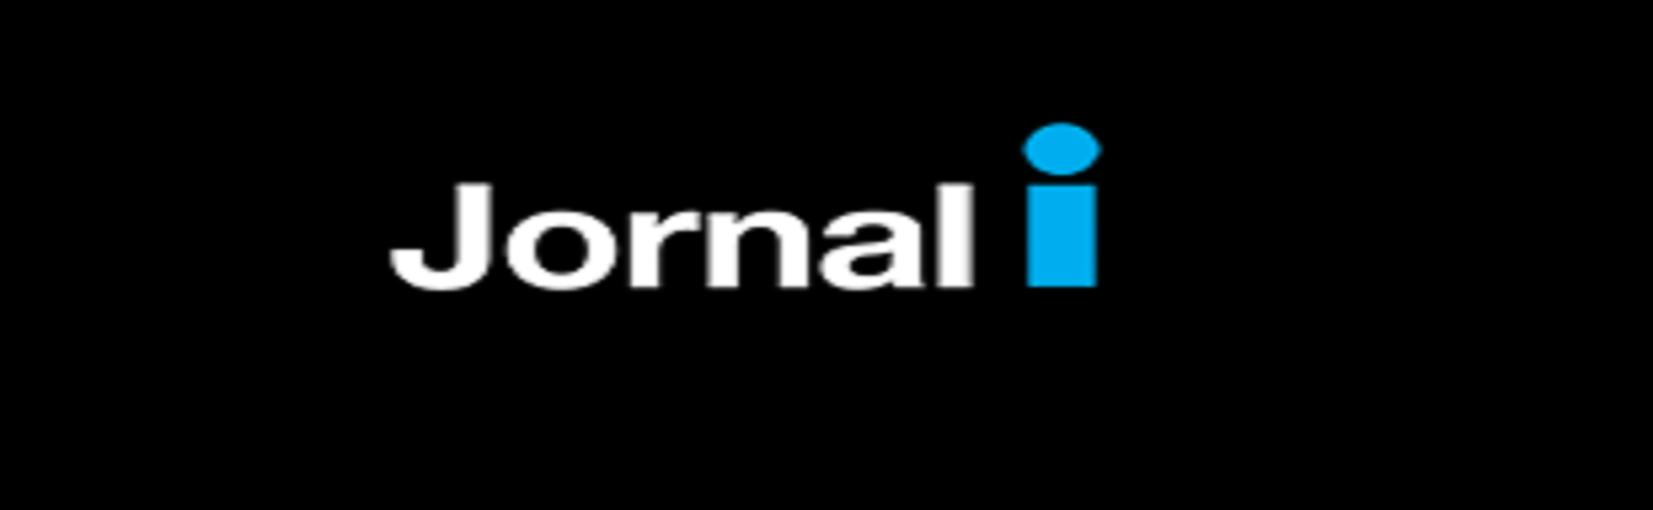 Revista Portugal em Destaque – Jornal i – Março de 2019